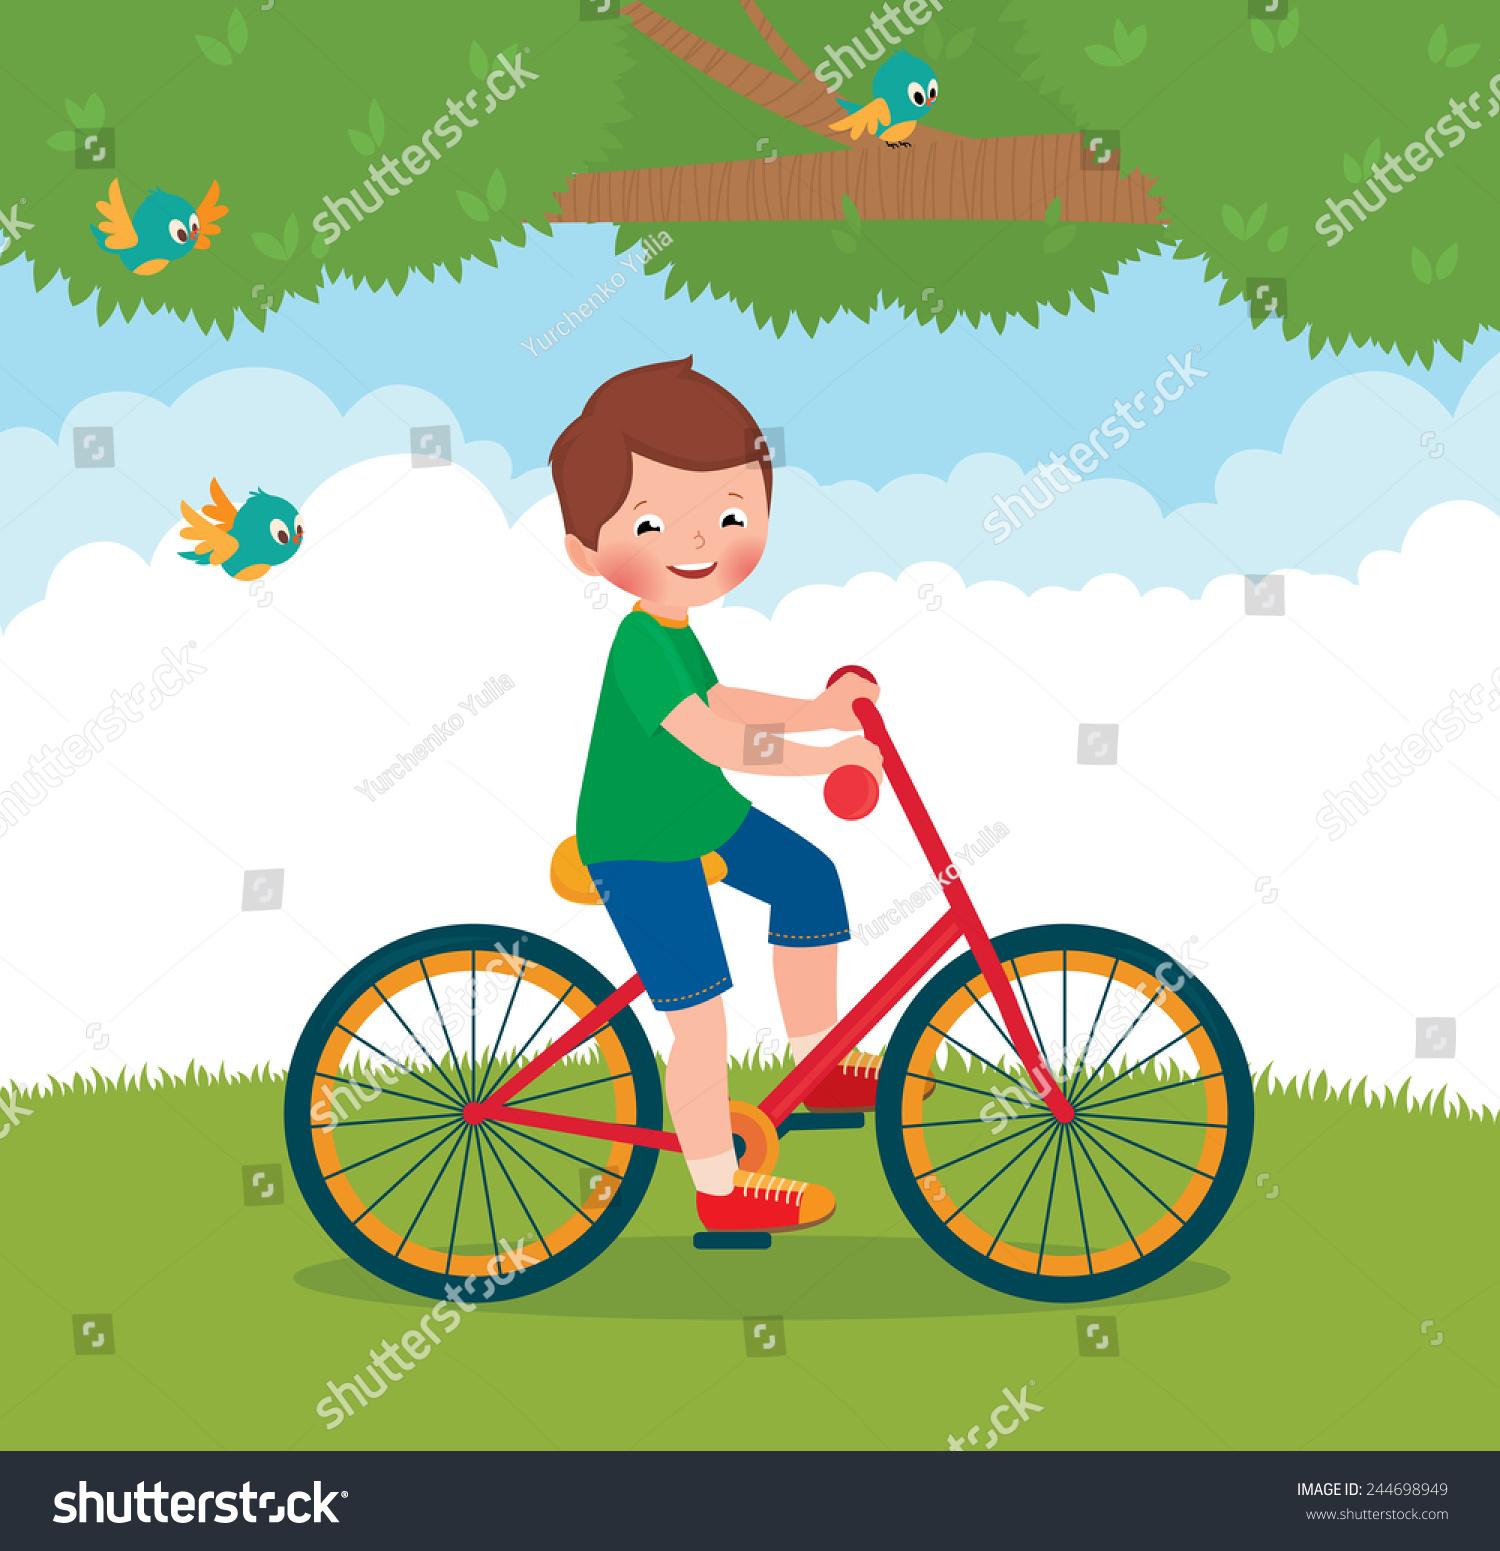 微信骑自行车动画表情